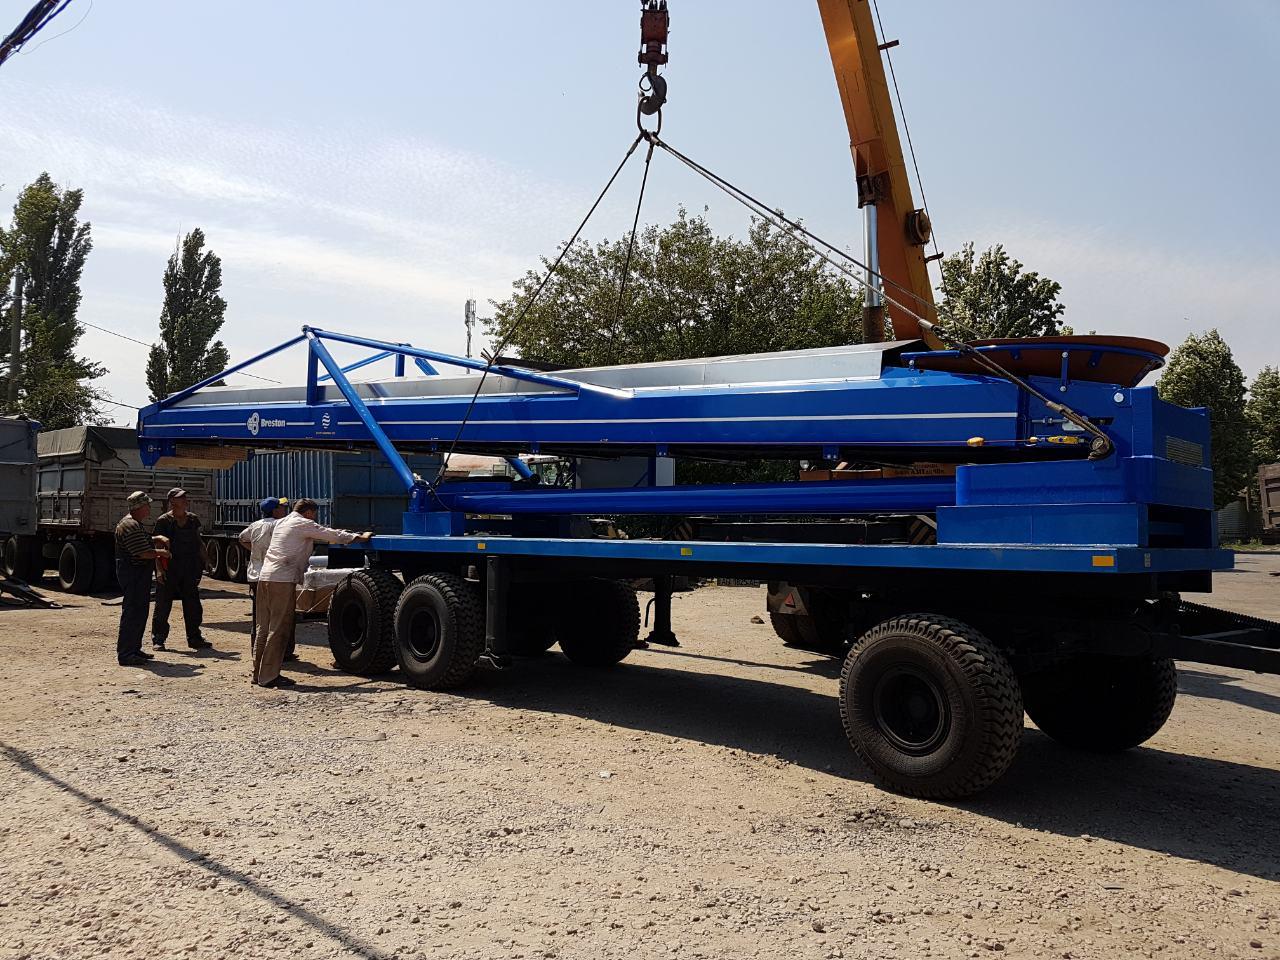 Transportation of handling equipment for bulk goods, фото-1